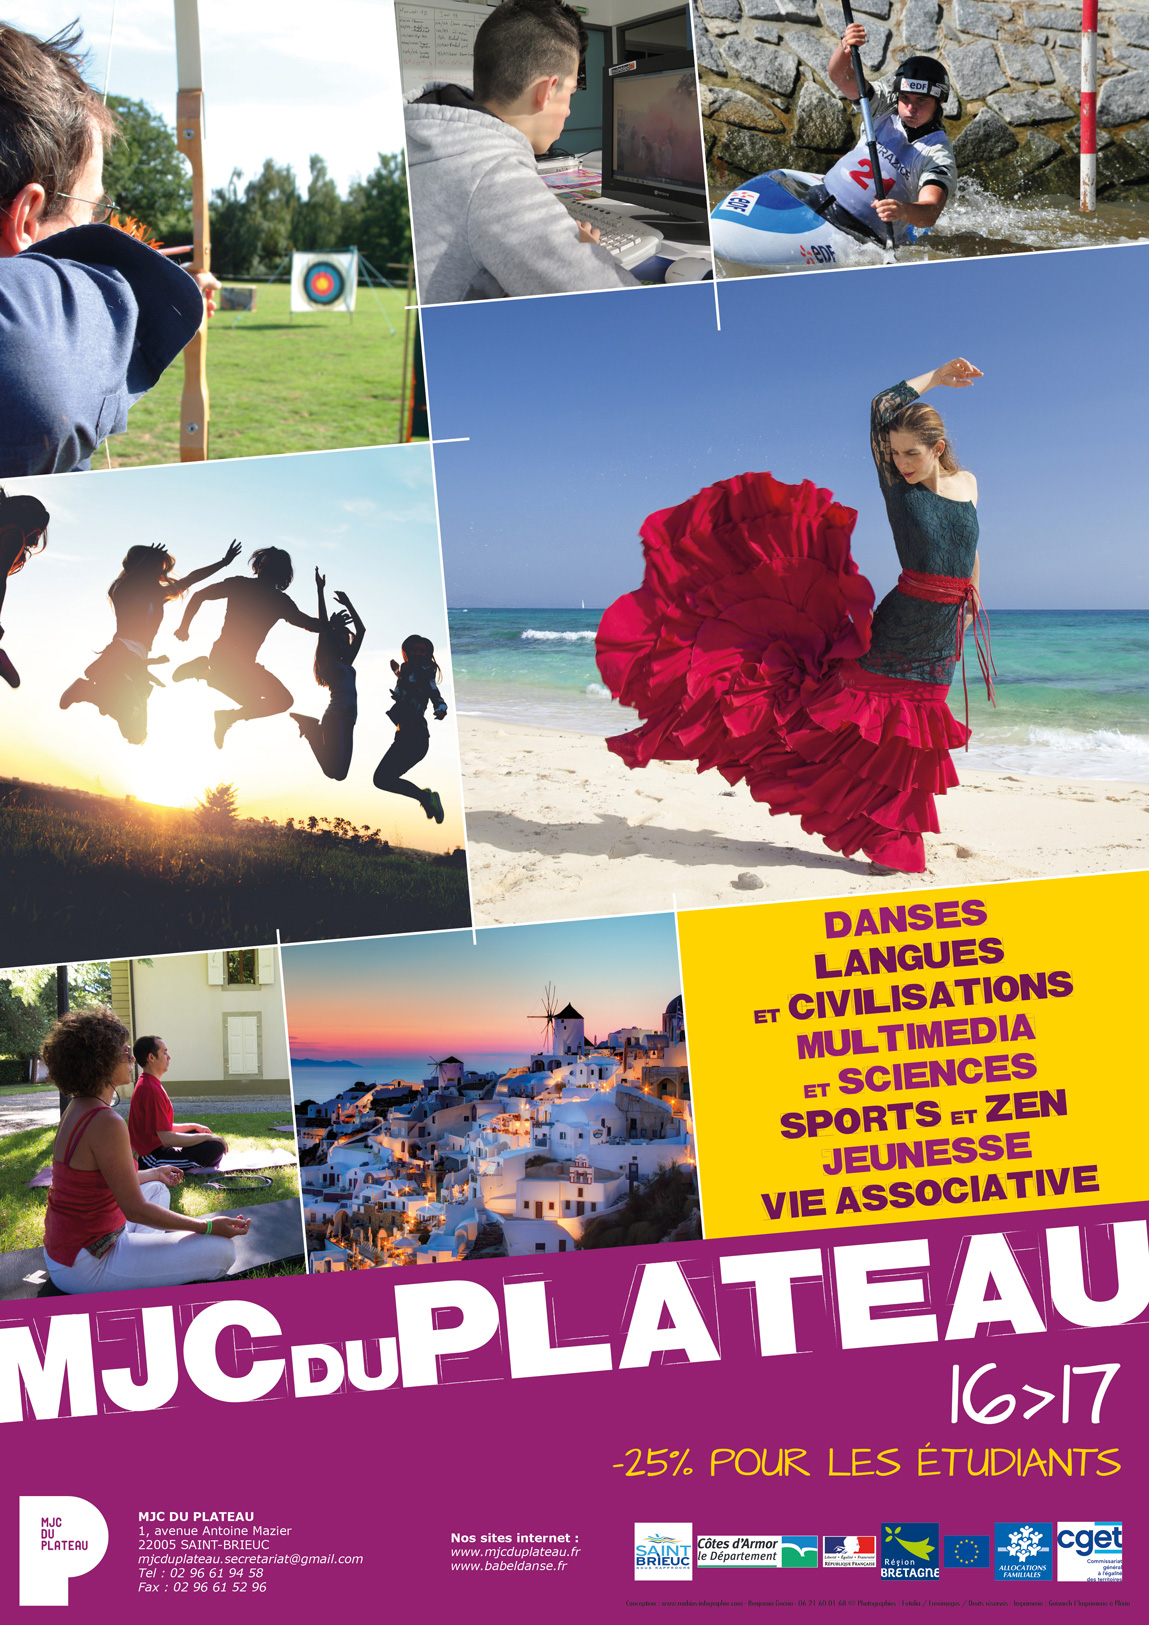 mjc-du-plateau-16-17-affiche-saison-a3-v7-impression-maison